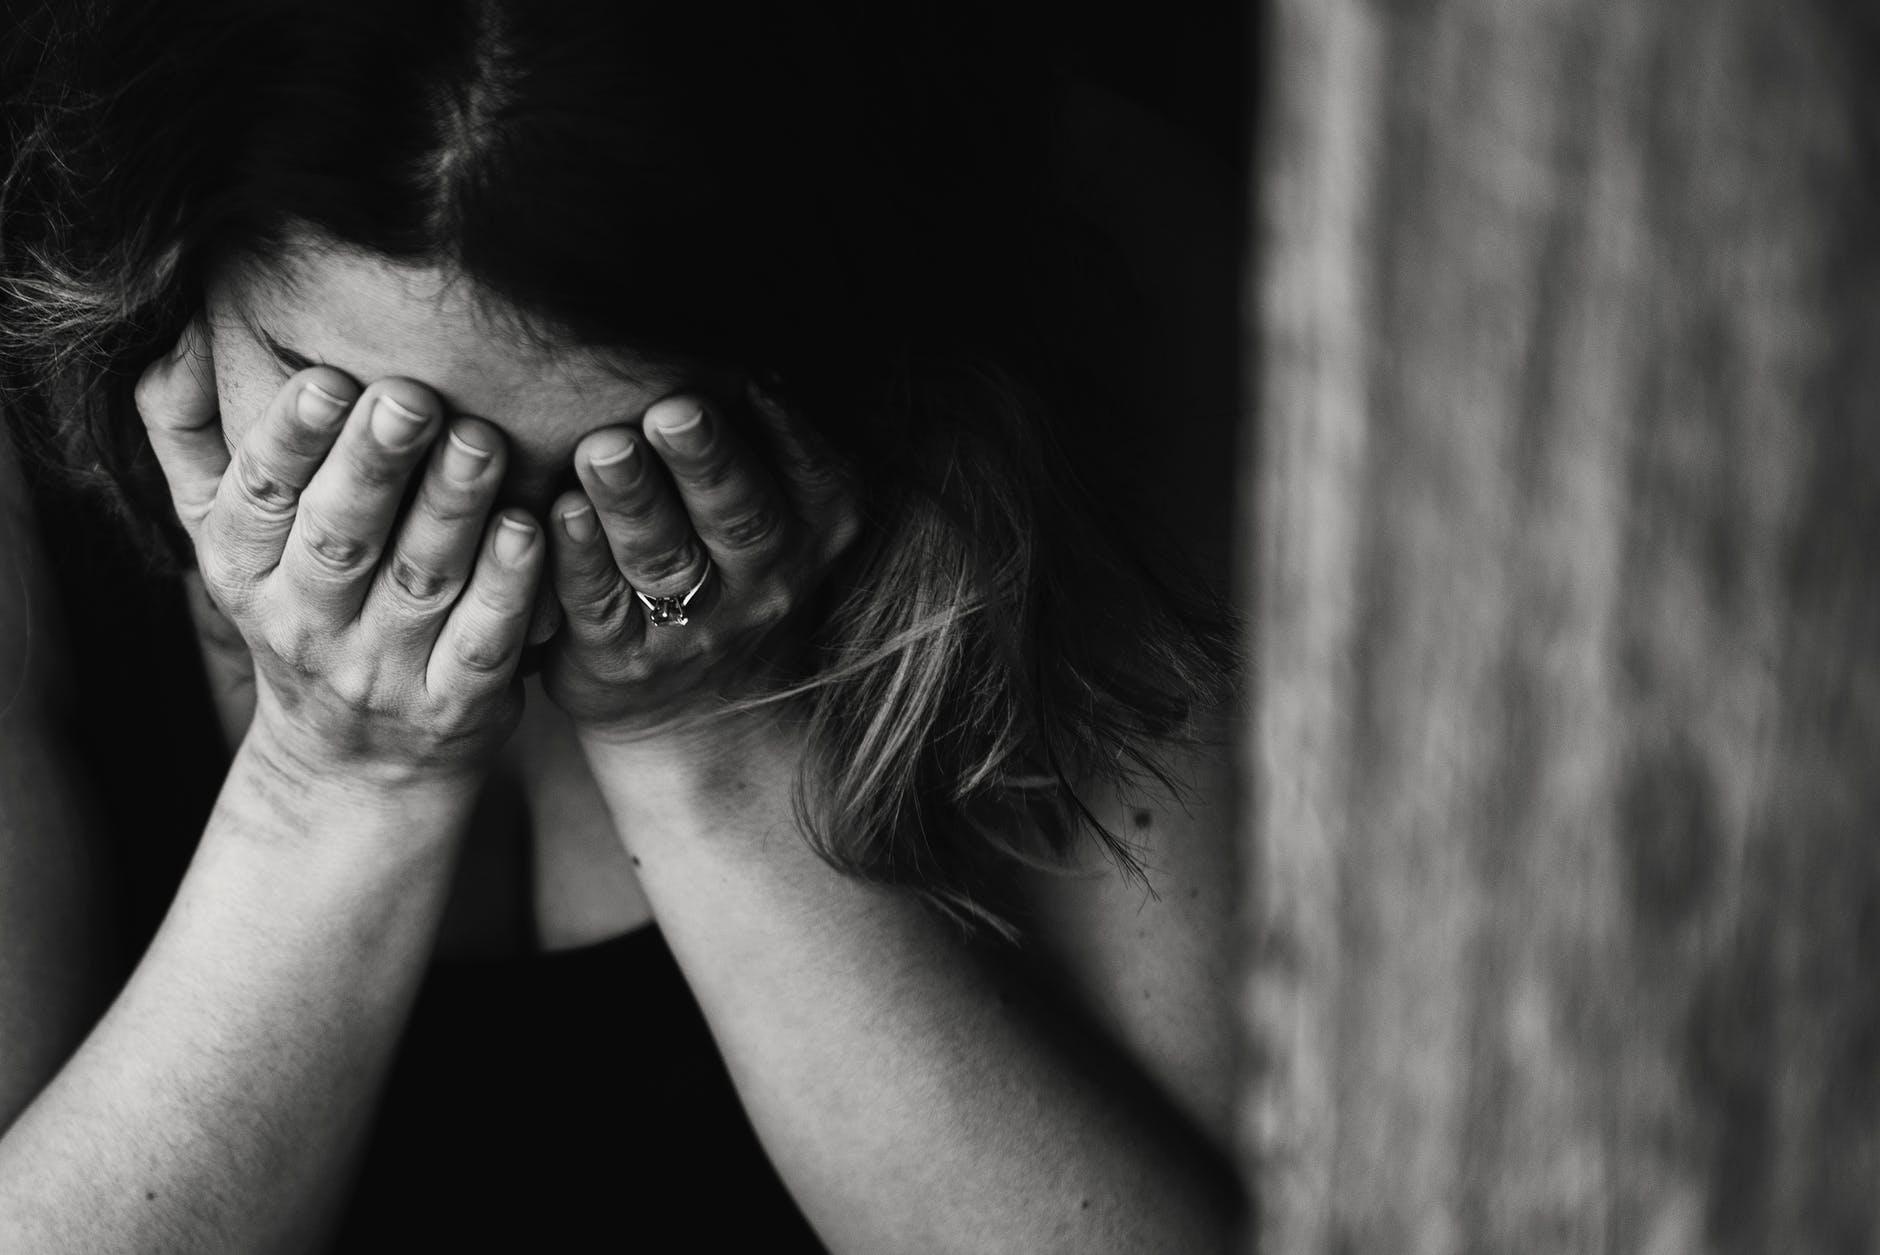 Narcisismo: una ferita e una scelta sbagliata.